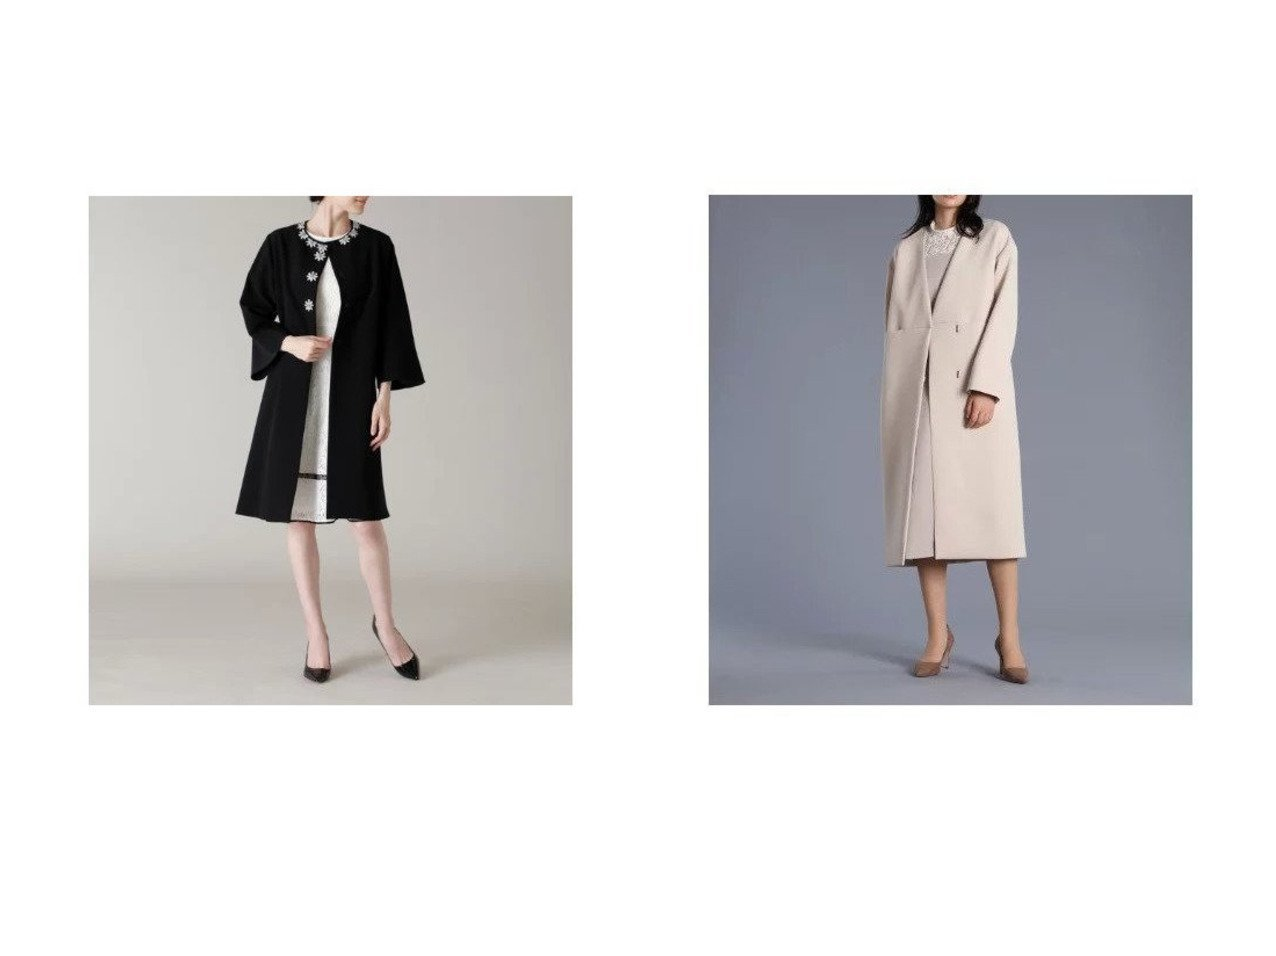 【ef-de/エフデ】の《M Maglie le cassetto》ノーカラーダブルブレステッドコート&《M Maglie le cassetto》デイジービジューコート 【アウター】おすすめ!人気、トレンド・レディースファッションの通販 おすすめで人気の流行・トレンド、ファッションの通販商品 メンズファッション・キッズファッション・インテリア・家具・レディースファッション・服の通販 founy(ファニー) https://founy.com/ ファッション Fashion レディースファッション WOMEN アウター Coat Outerwear コート Coats おすすめ Recommend スリーブ ビジュー ポケット 春 Spring シンプル ジャージー フォーマル フロント |ID:crp329100000027633